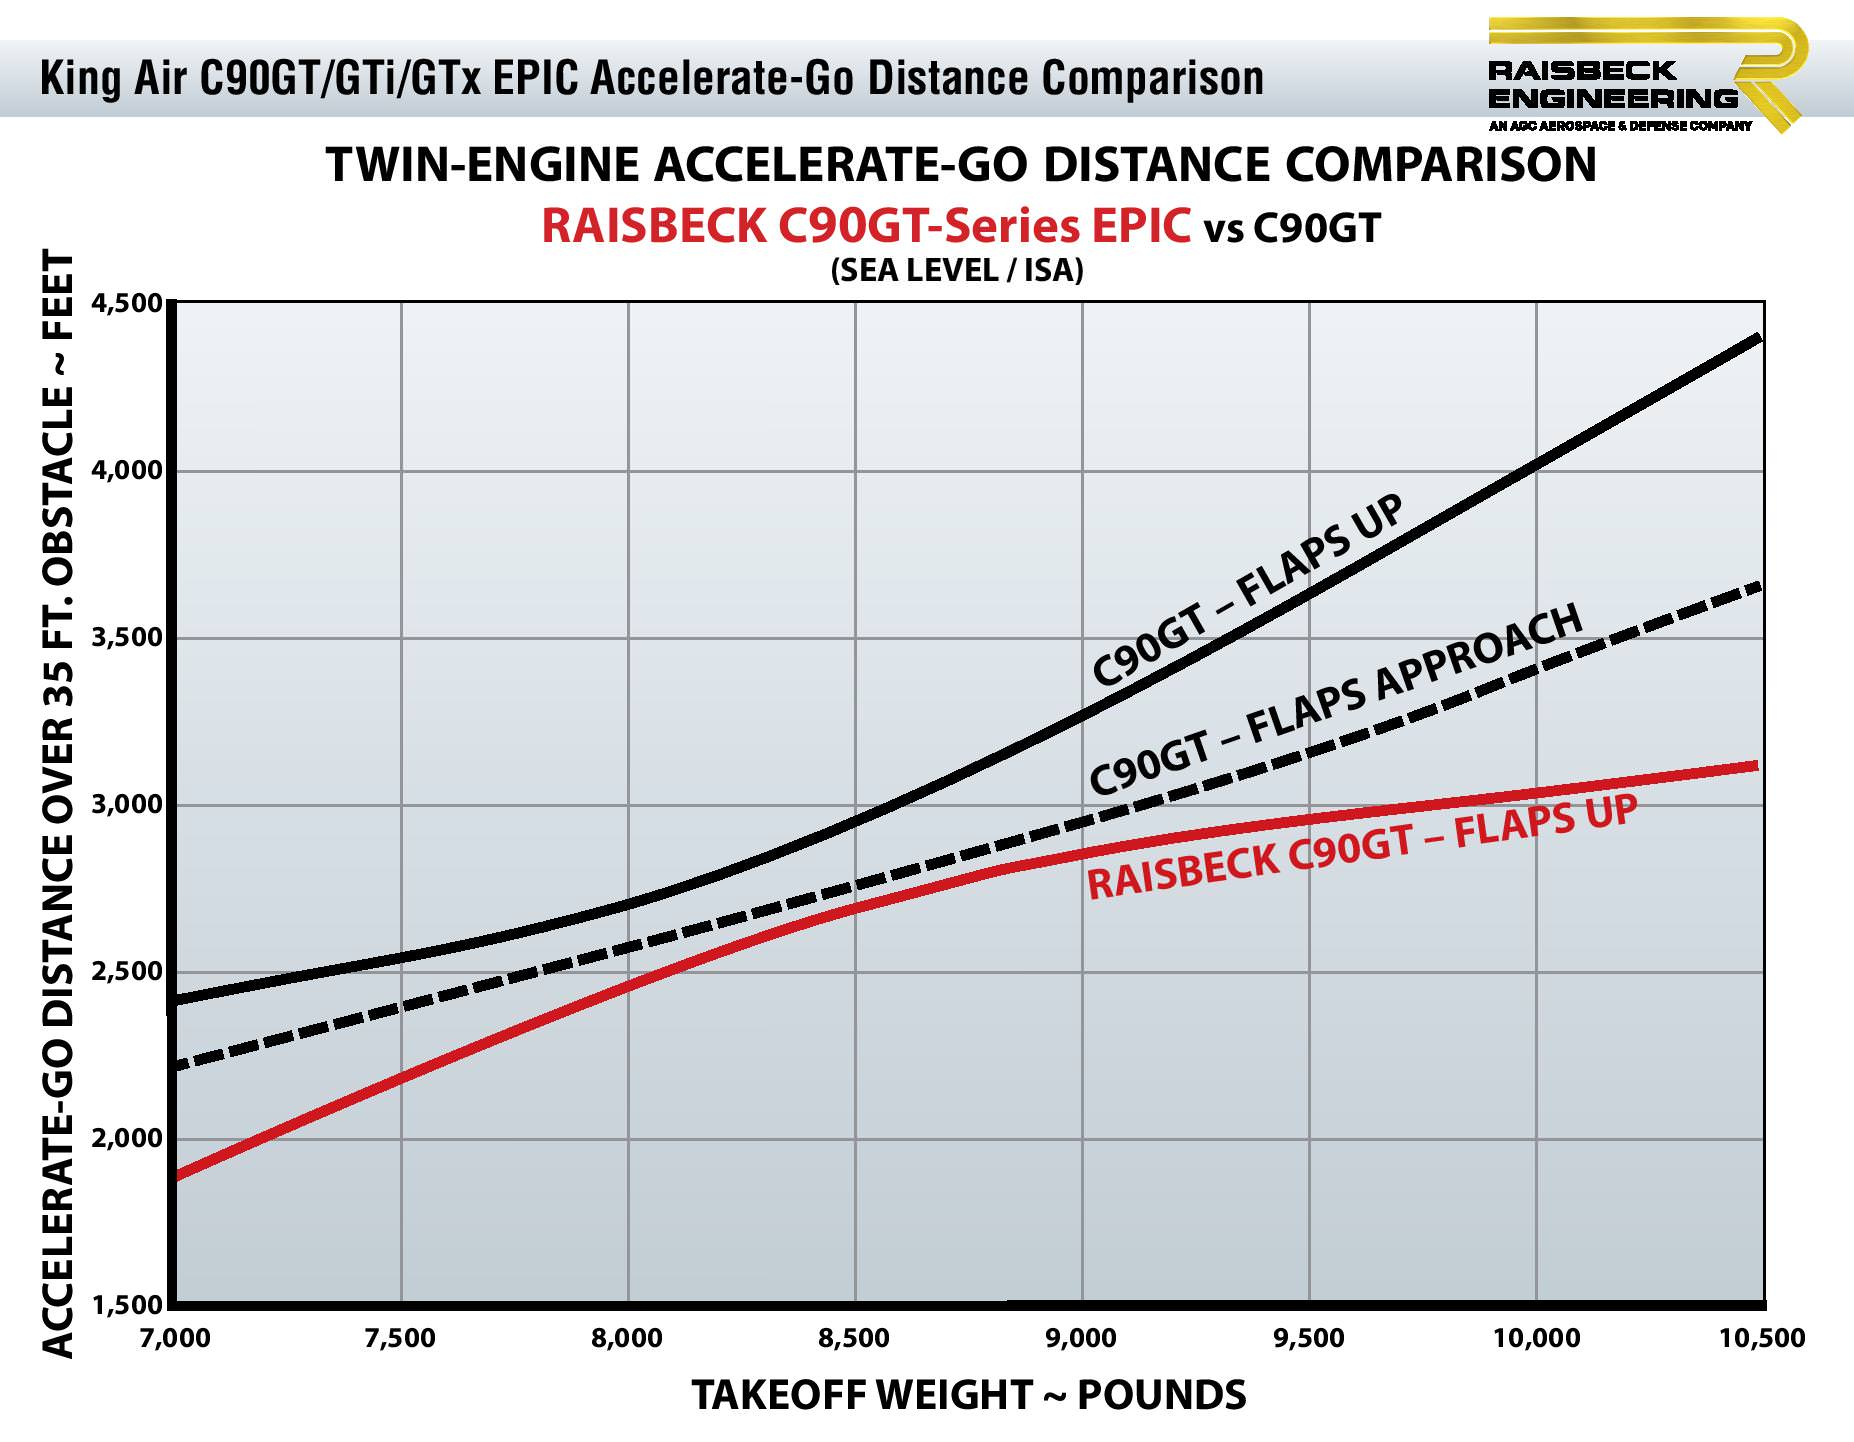 C90GT EPIC Accel-Go Distance Chart